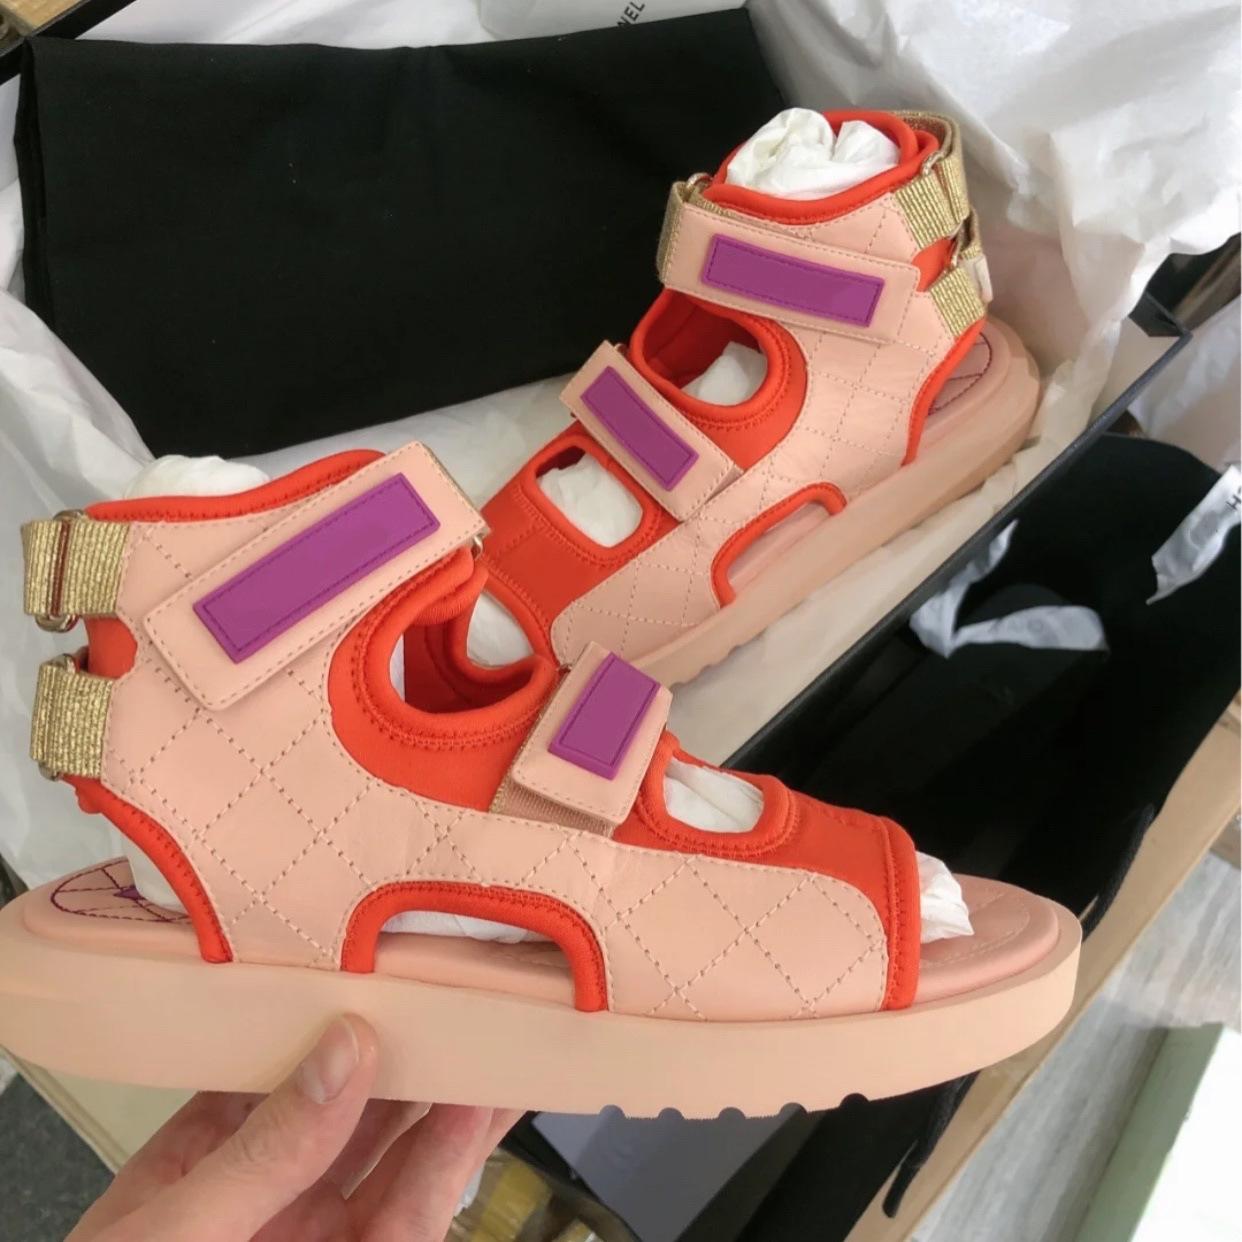 粉红色罗马鞋 网红阿希哥同款小香风凉鞋粉红色欧美英伦风罗马平底厚底松糕鞋_推荐淘宝好看的粉红色罗马鞋